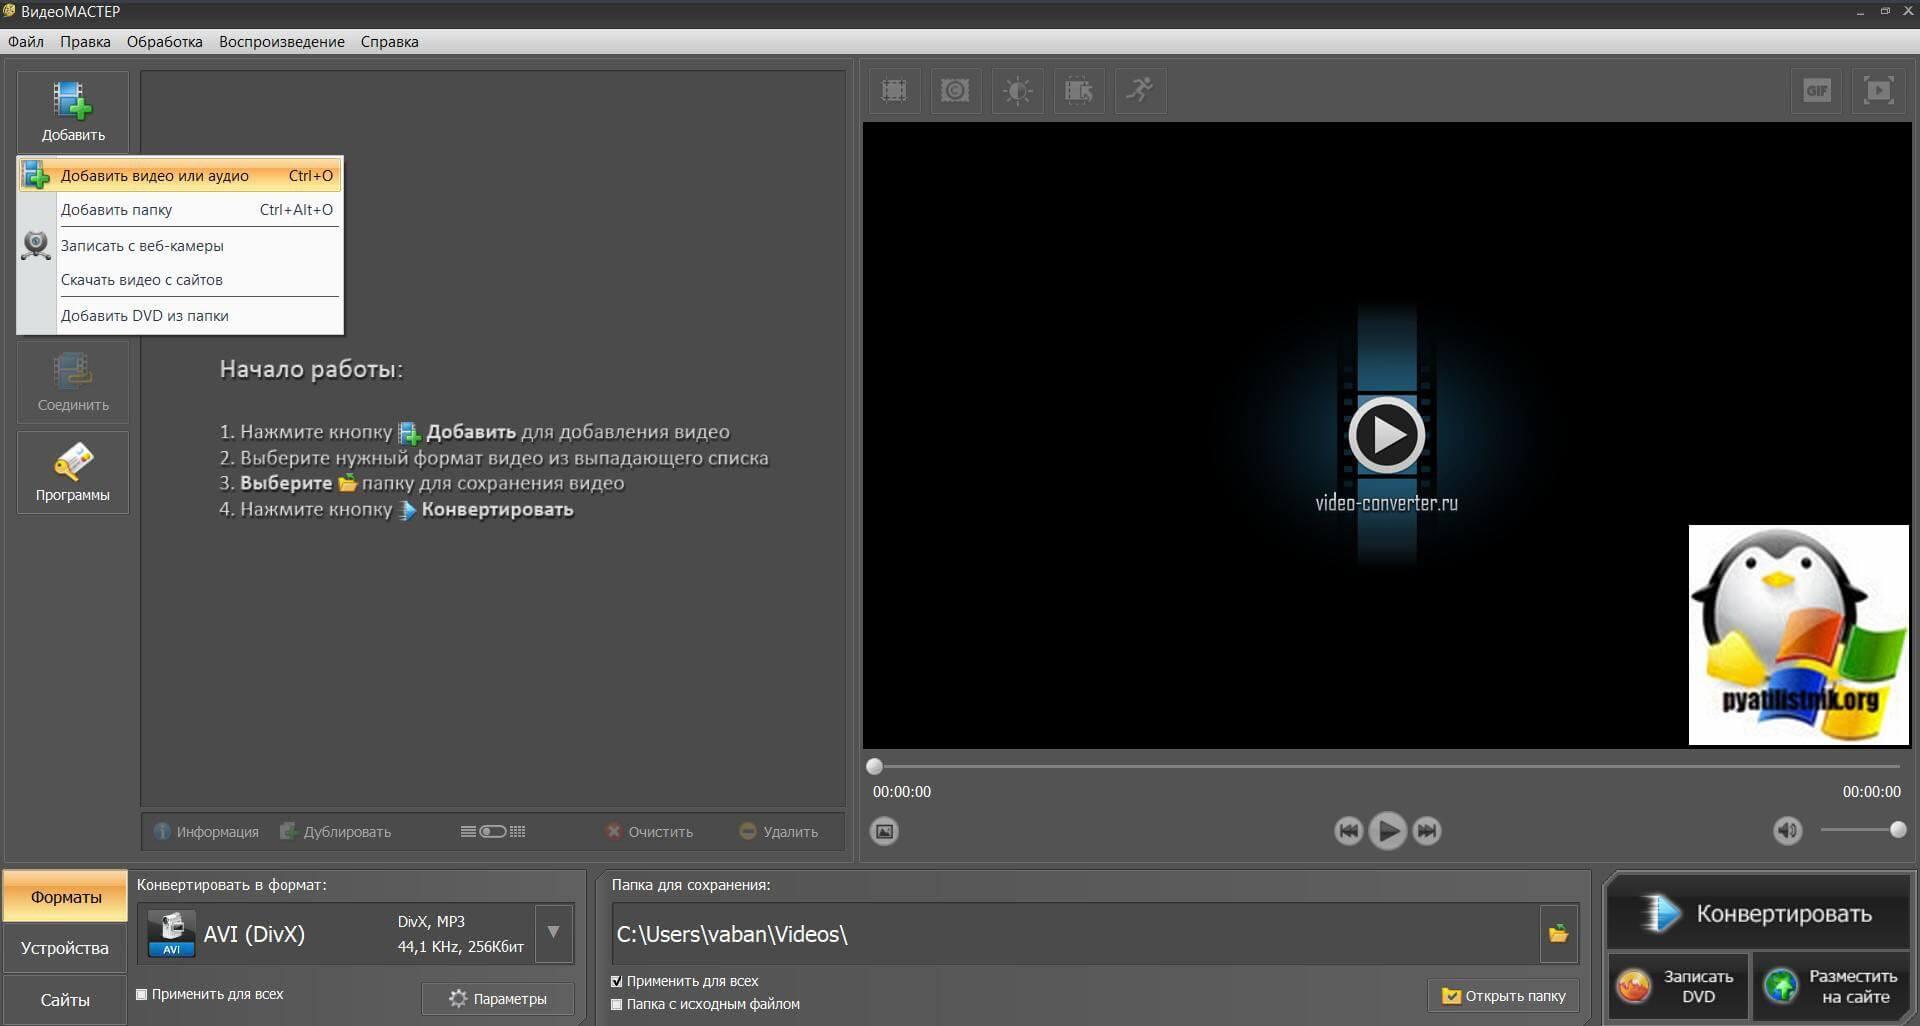 Импортирование видео для сжатия